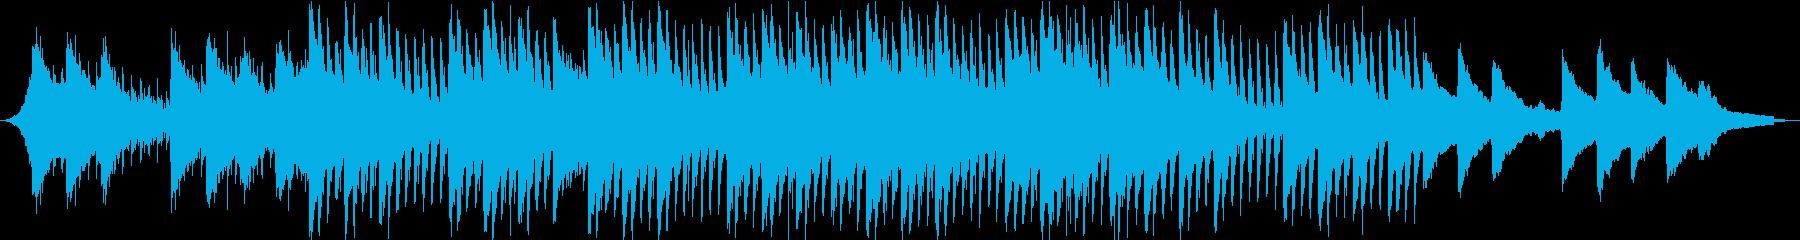 【コーポレート】幻想的・やさしく美しい③の再生済みの波形